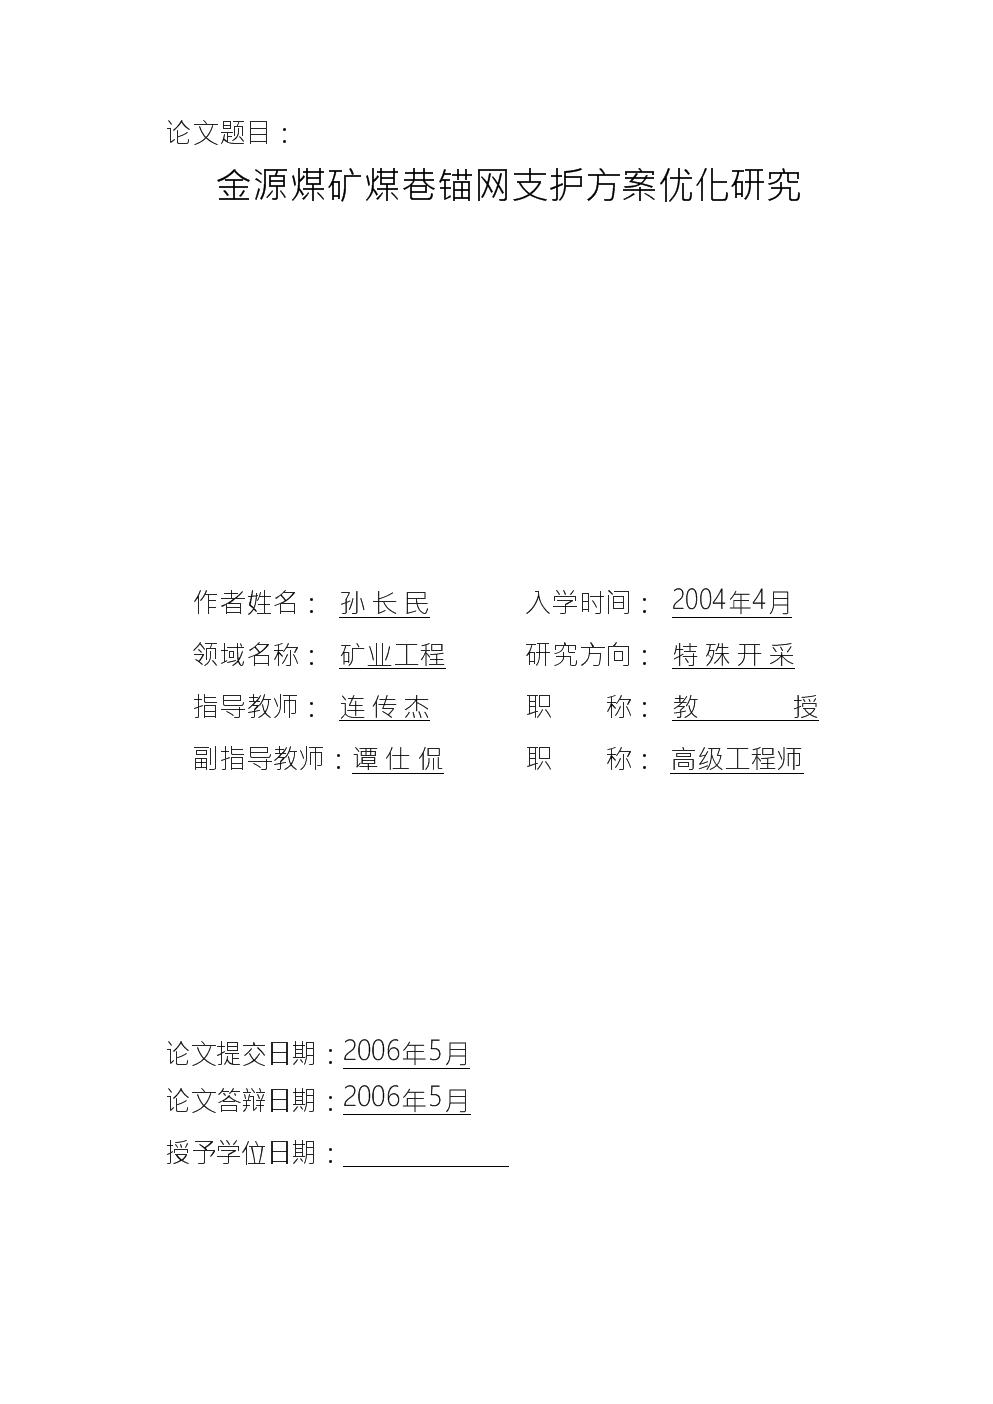 金源煤矿煤巷锚网支护方案优化研究-矿业工程专业论文.docx